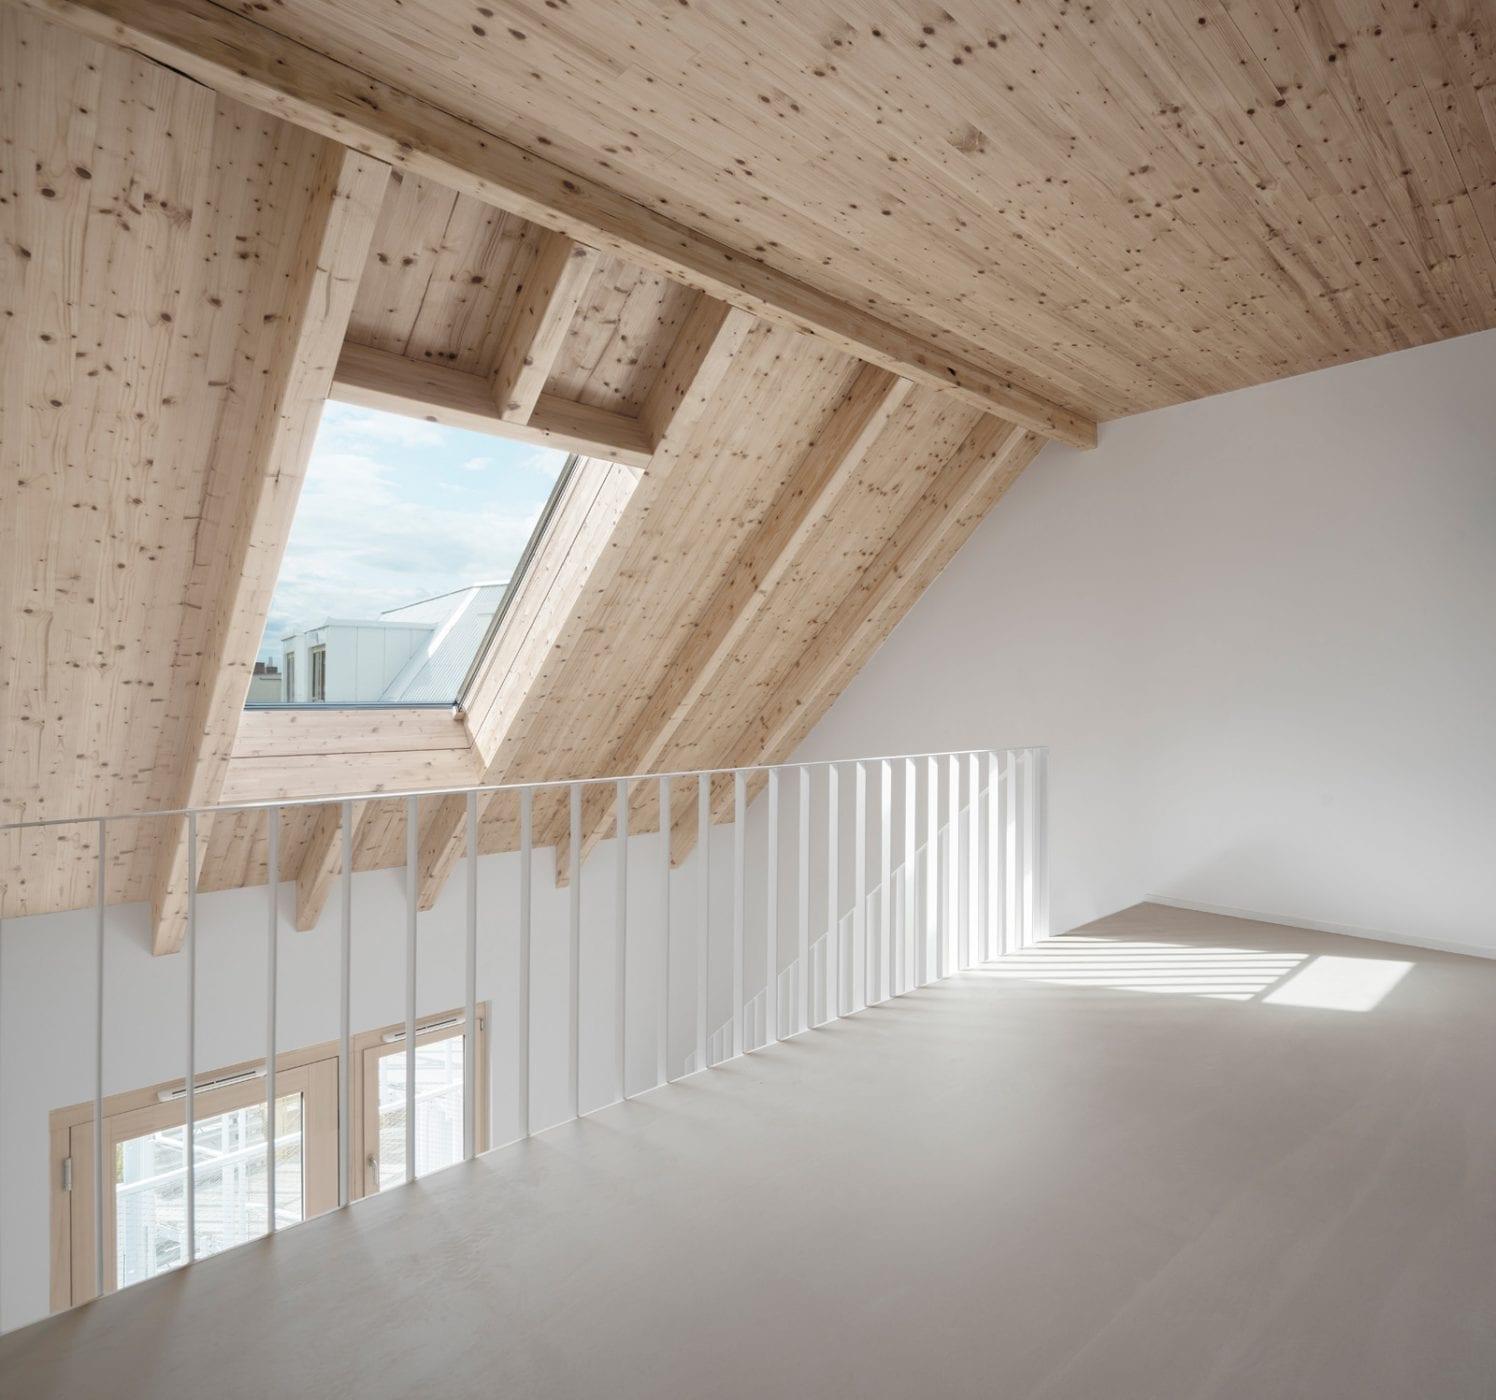 Galerie-Ebene in einer der Maisonette-Wohnung (Foto: Gui Rebelo)